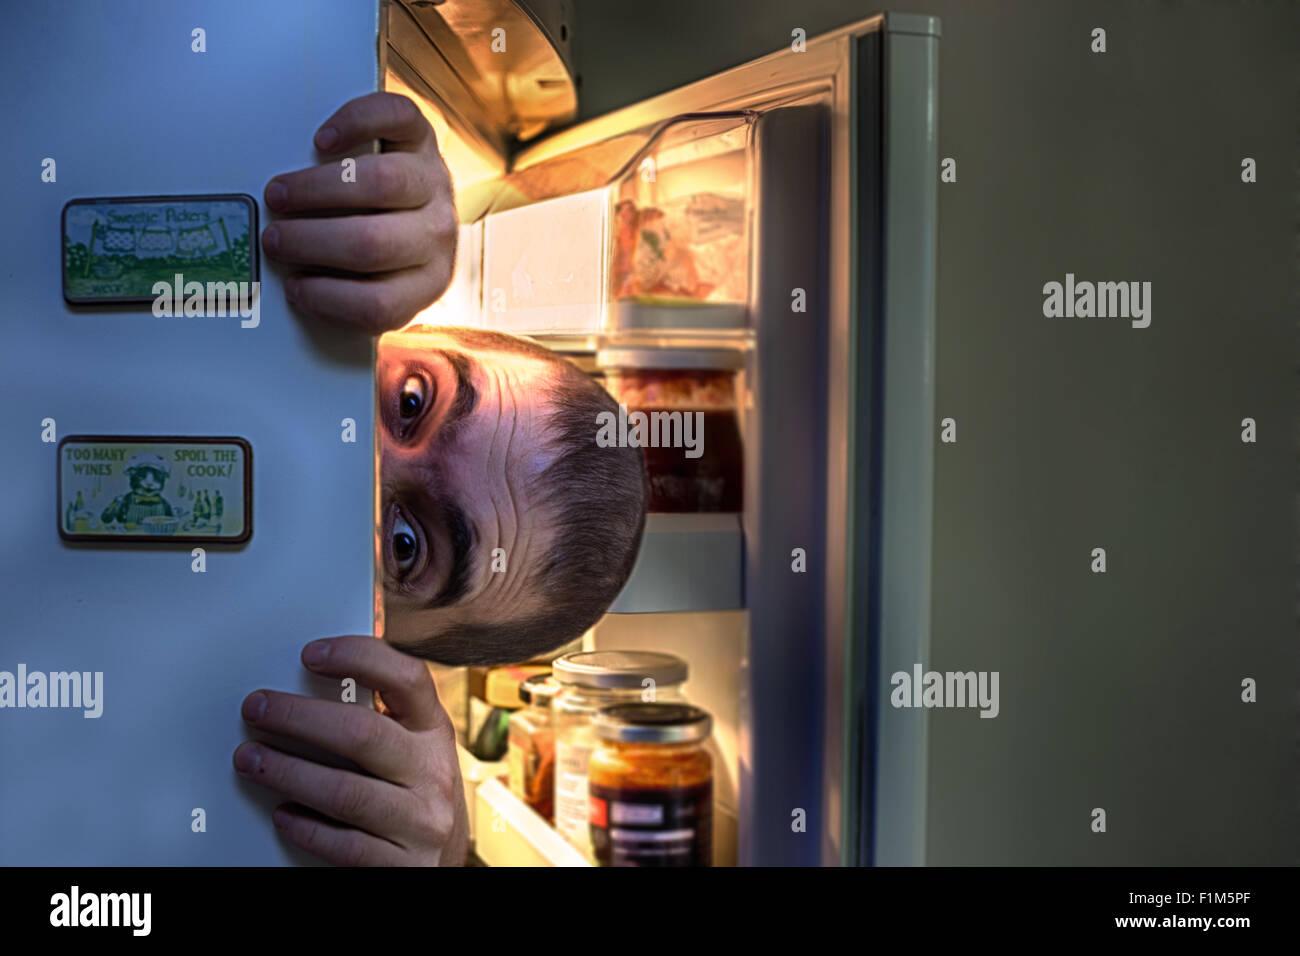 Man emerging form the fridge, image manipulation - Stock Image